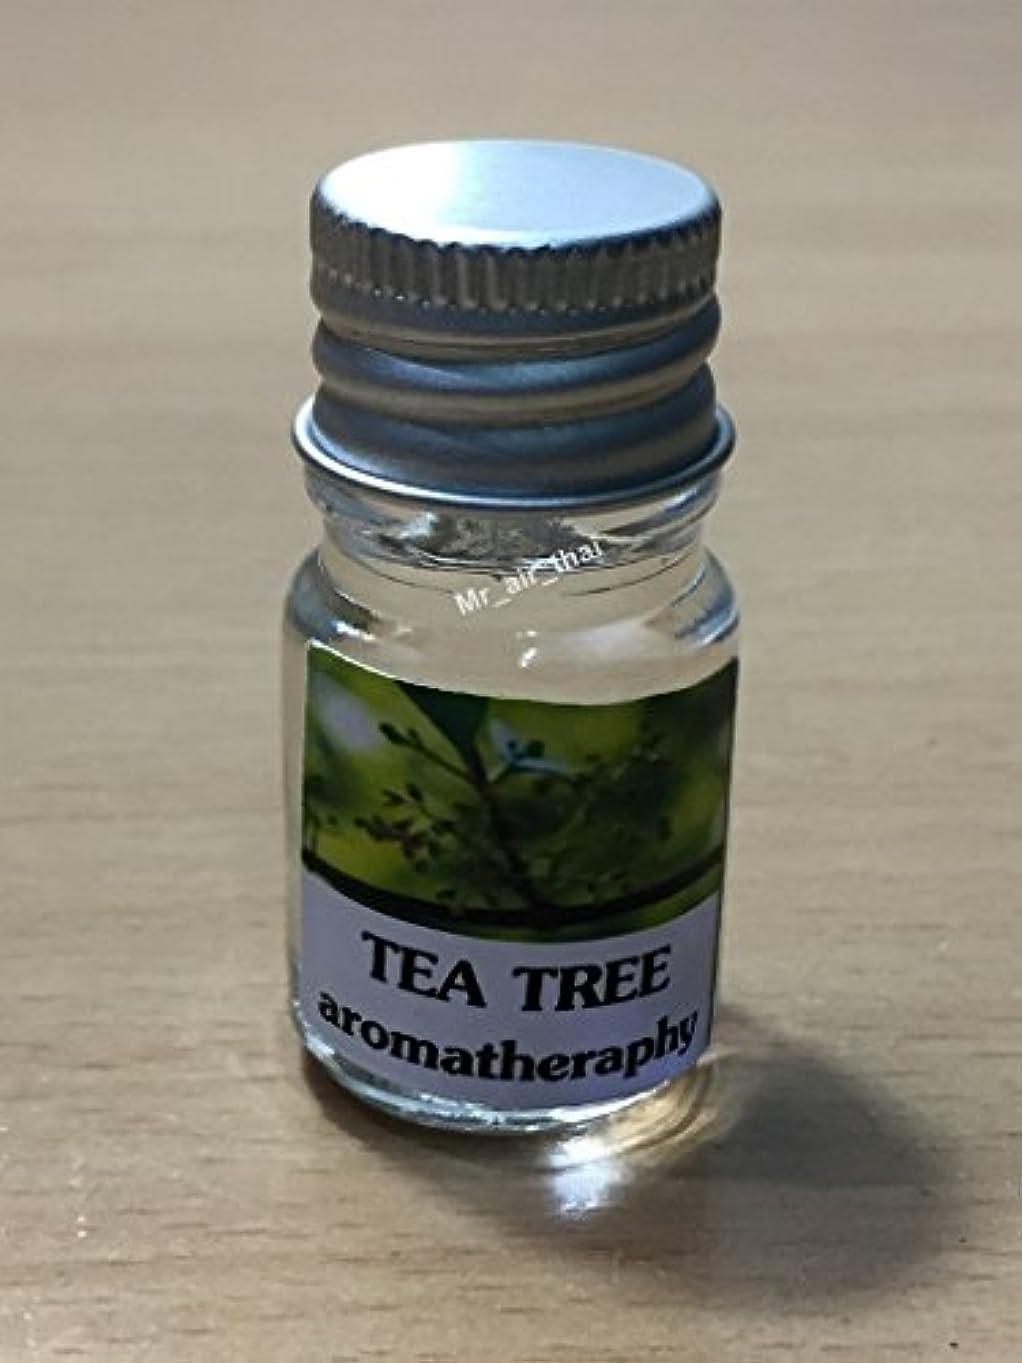 闘争全体に自分5ミリリットルアロマティーツリーフランクインセンスエッセンシャルオイルボトルアロマテラピーオイル自然自然5ml Aroma Tea Tree Frankincense Essential Oil Bottles Aromatherapy...